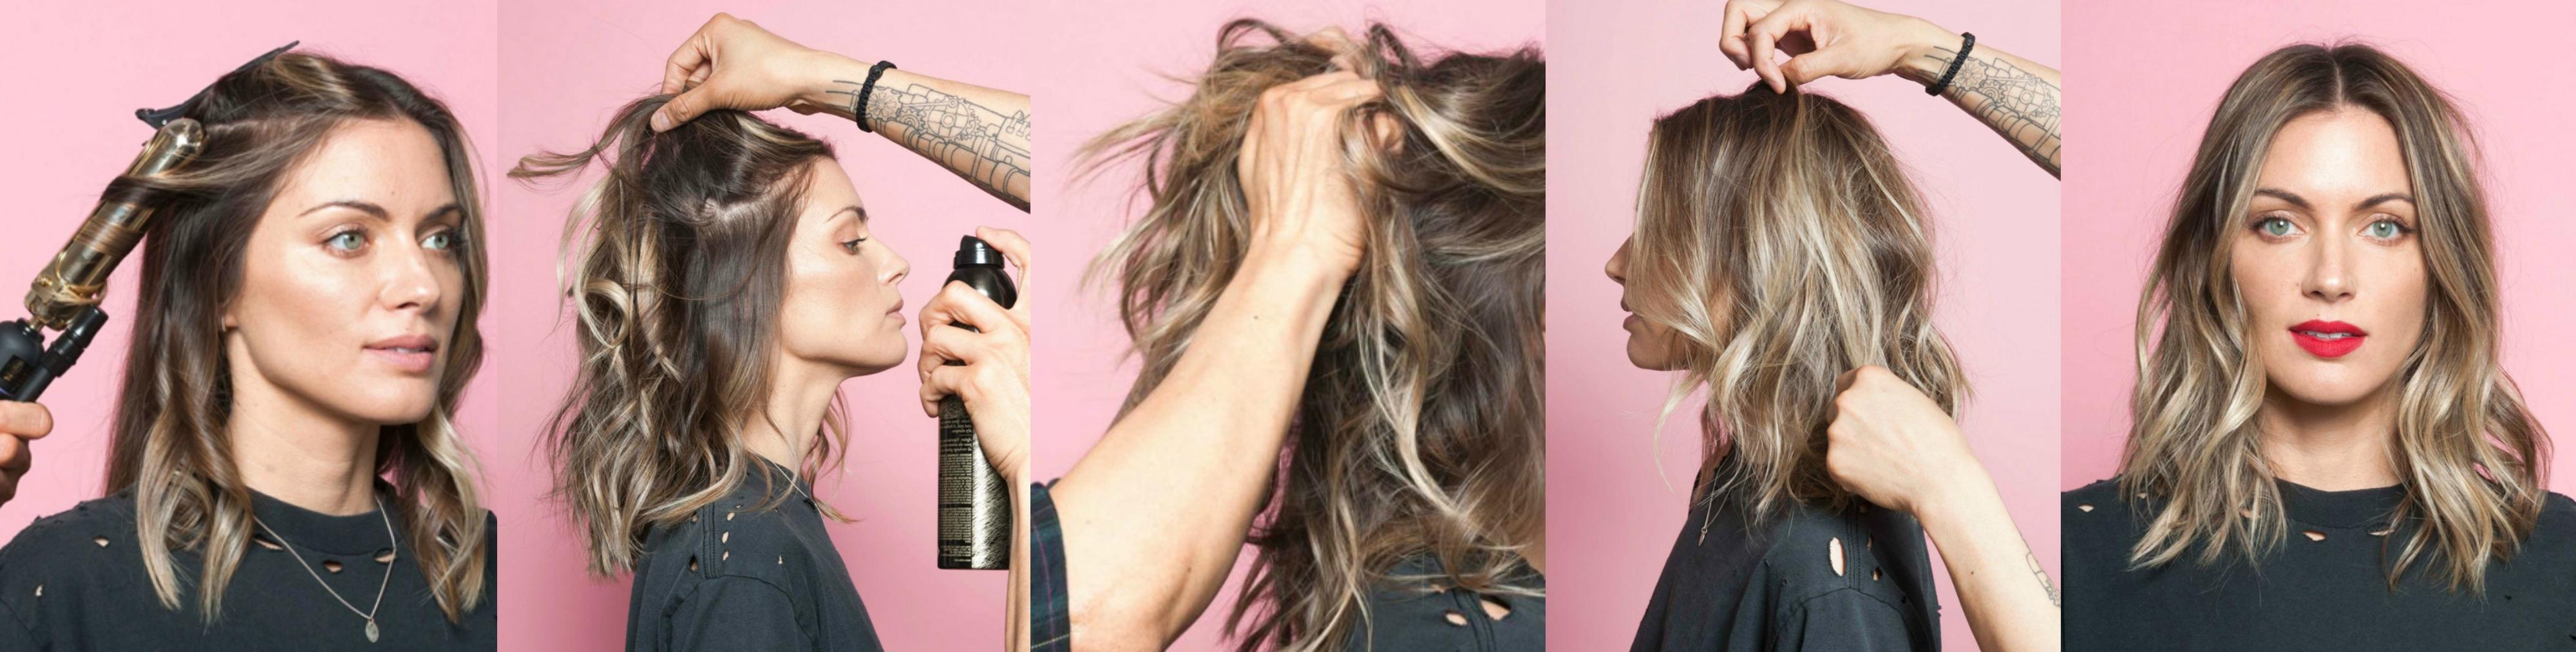 tutorial con fotos, pasos sobre cómo hacer ondas en el pelo con un rizador y laca que fija y da volumen al cabello, mujer con media melena rubia